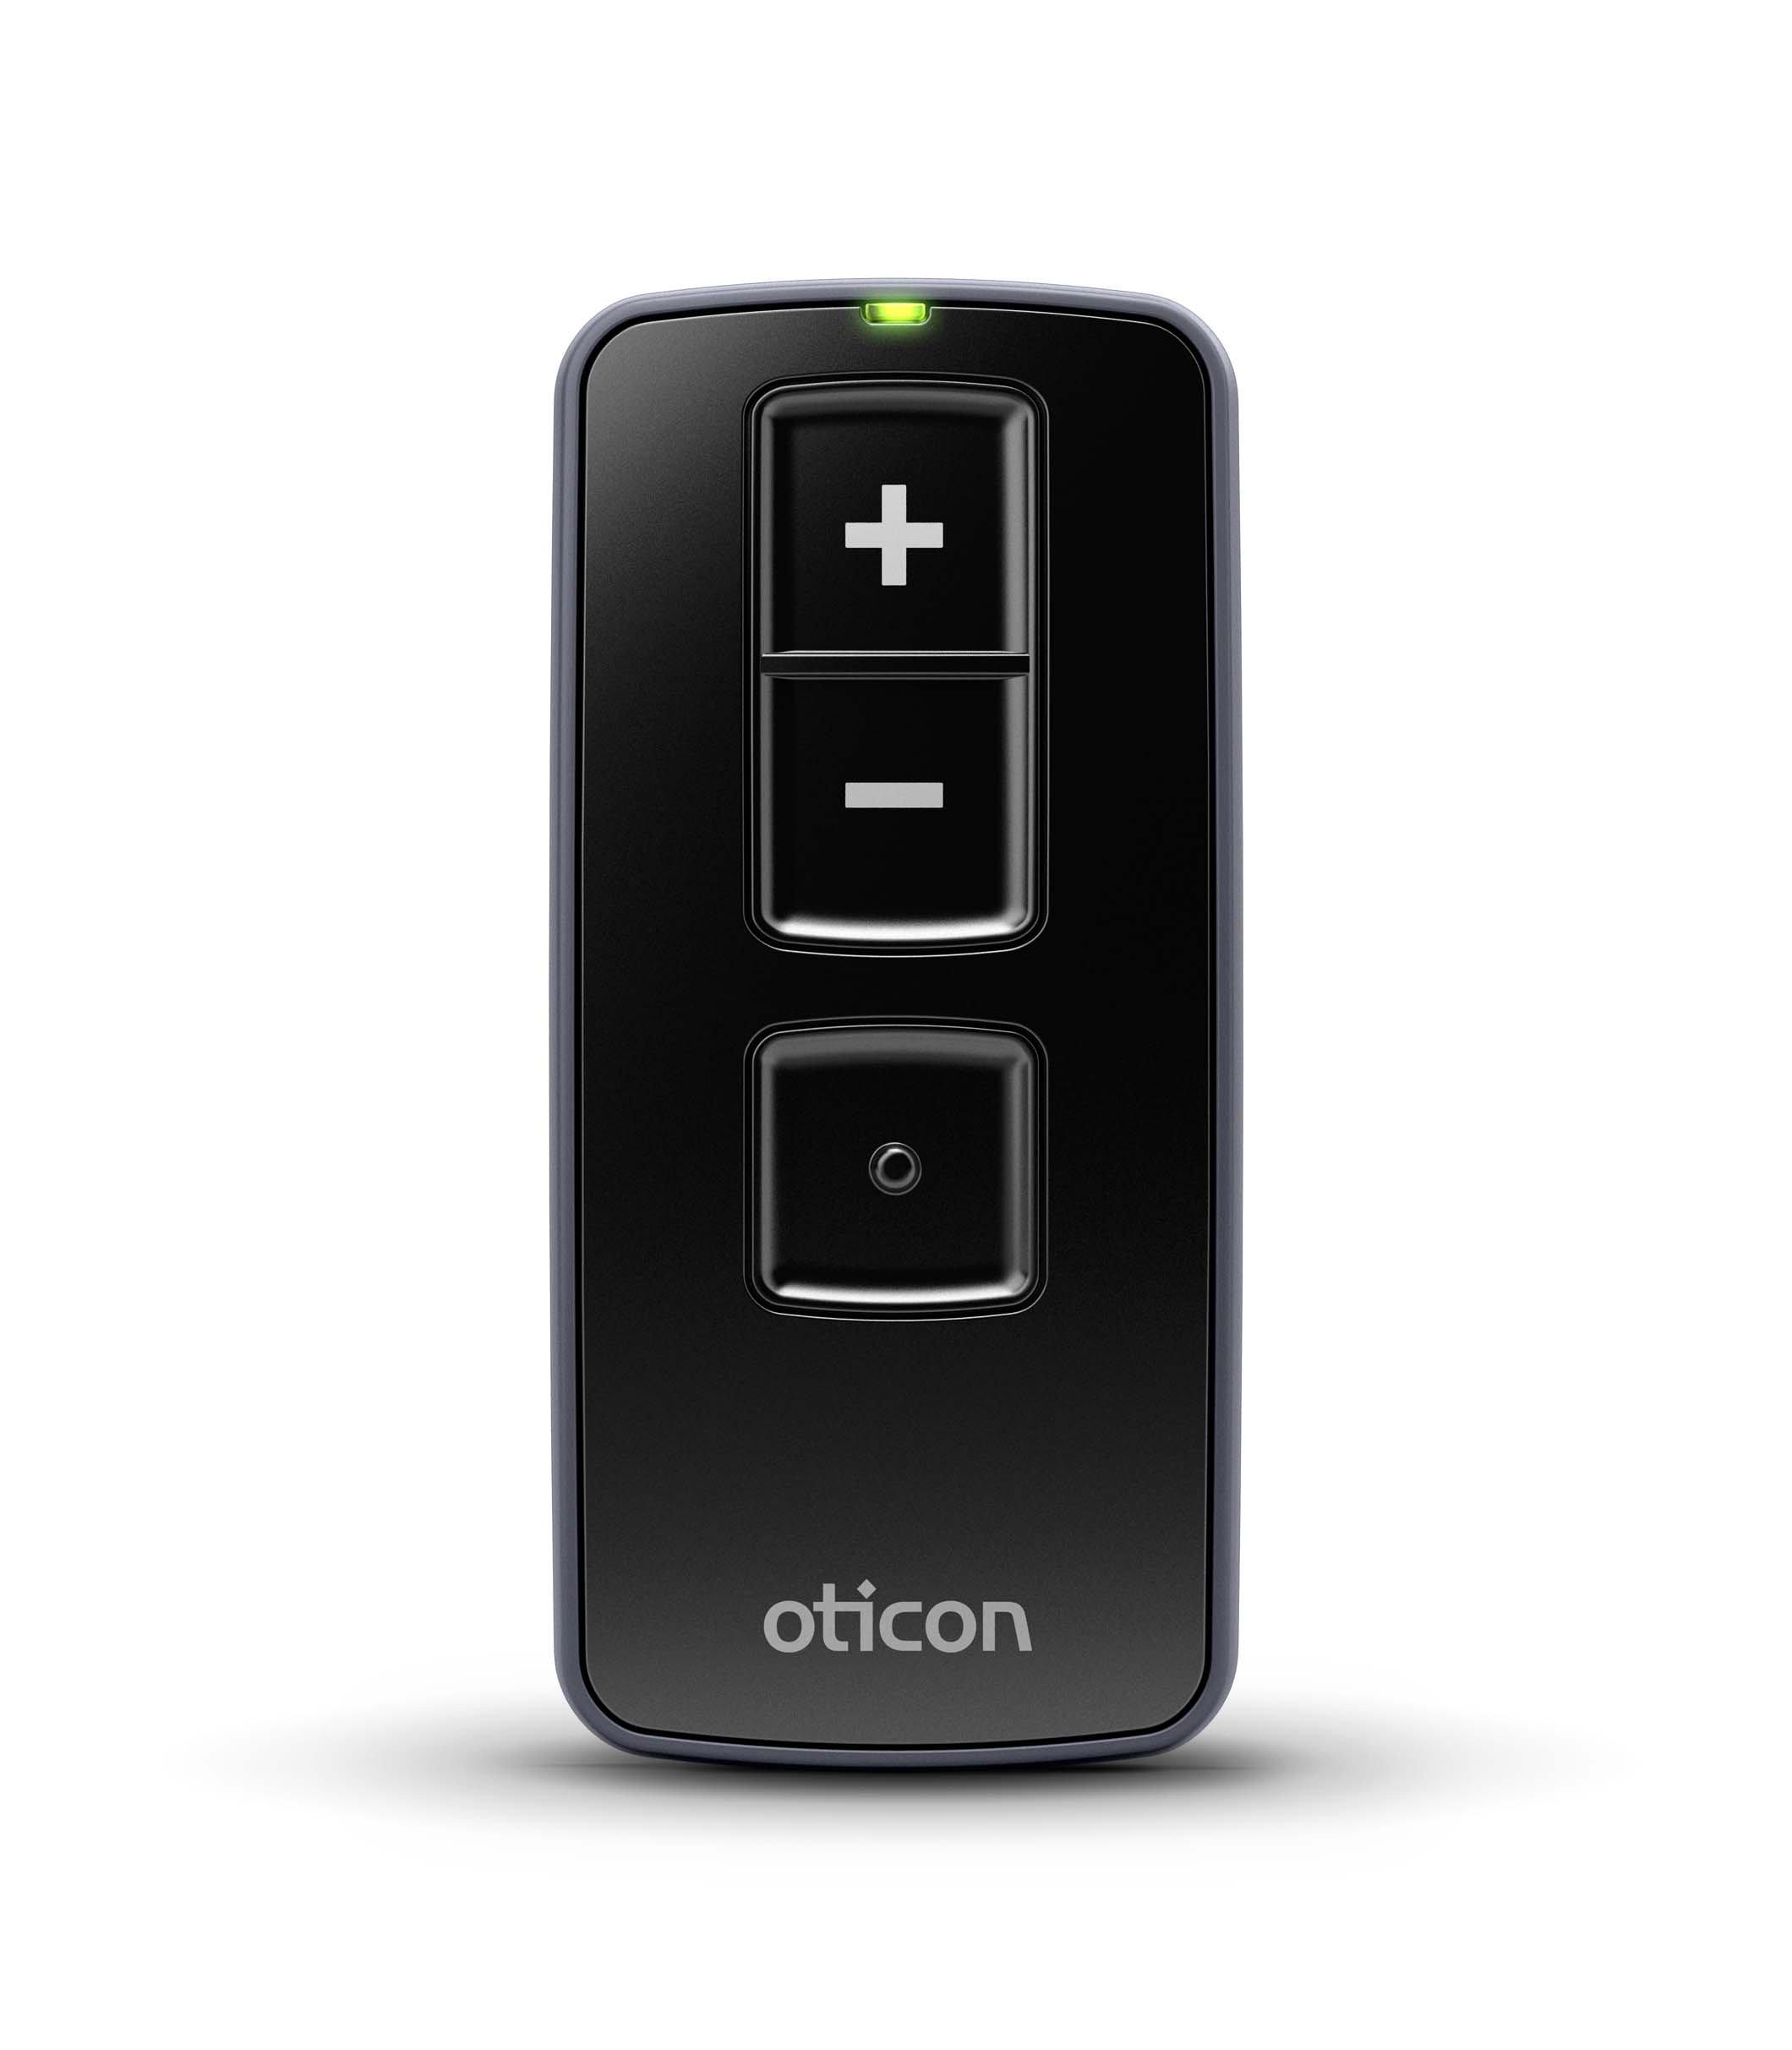 Oticon Remote Control 2.0